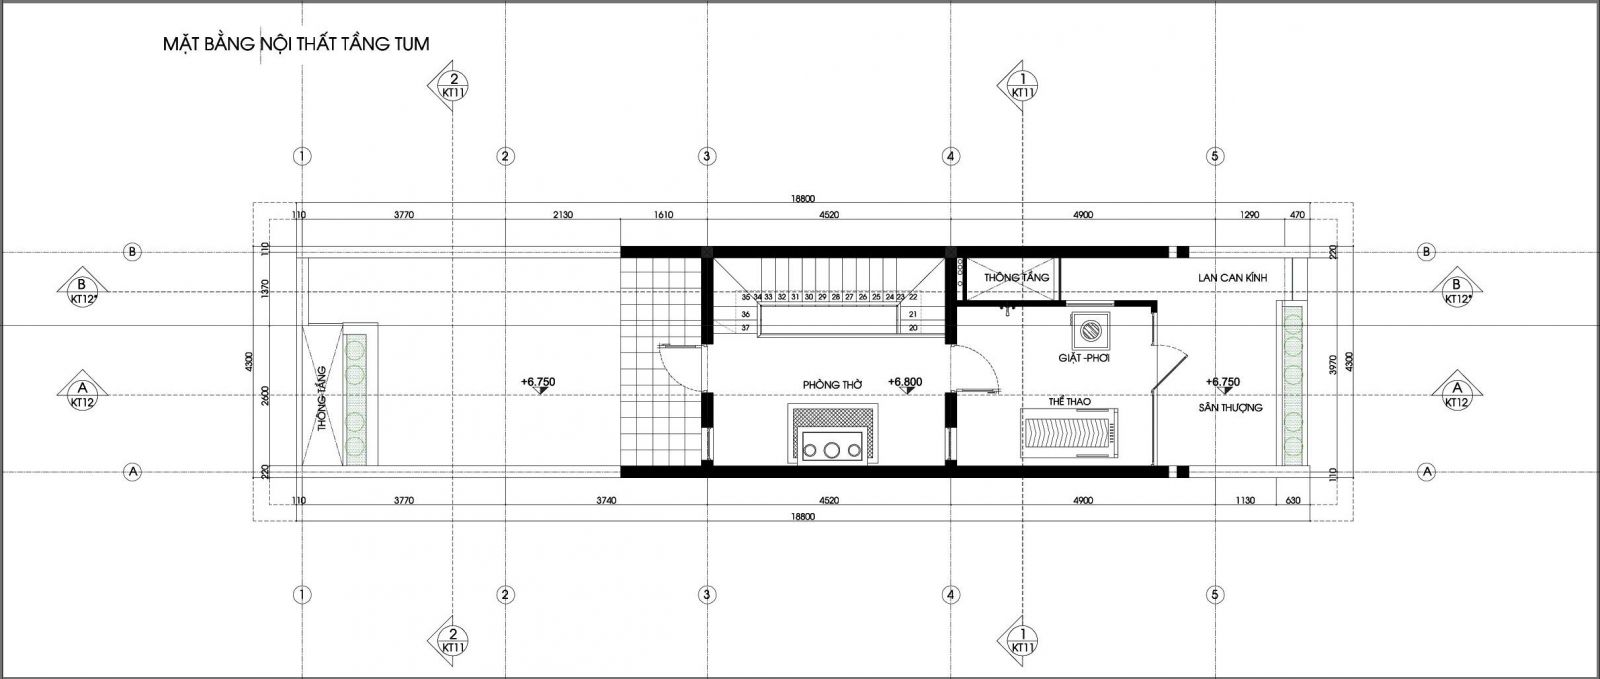 Mặt bằng tầng tum nhà phố 4x19m 4 tầng